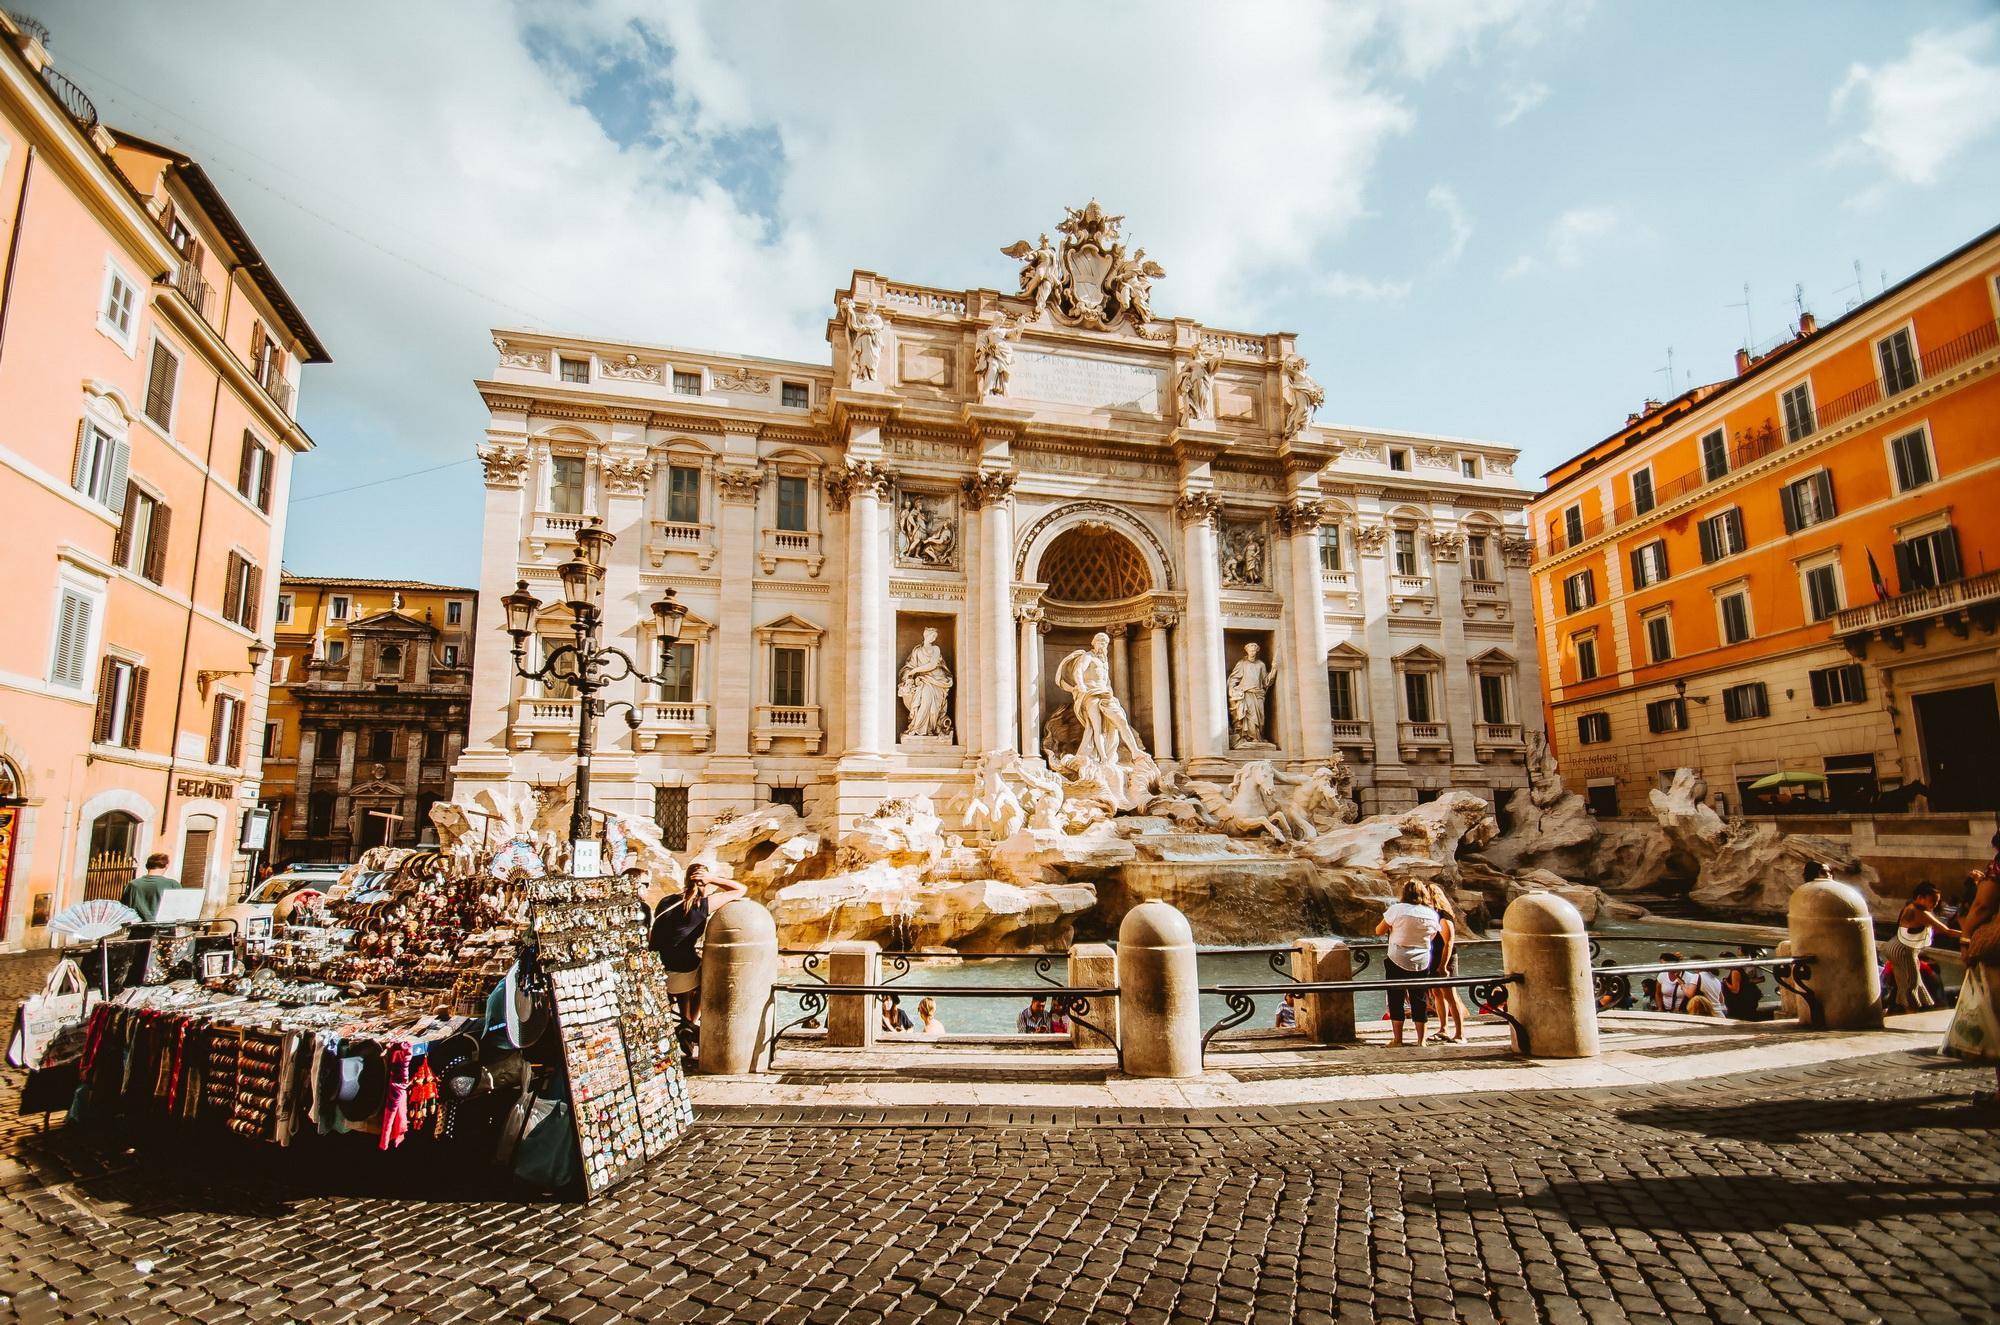 مزایای اقامت تمکن مالی ایتالیا